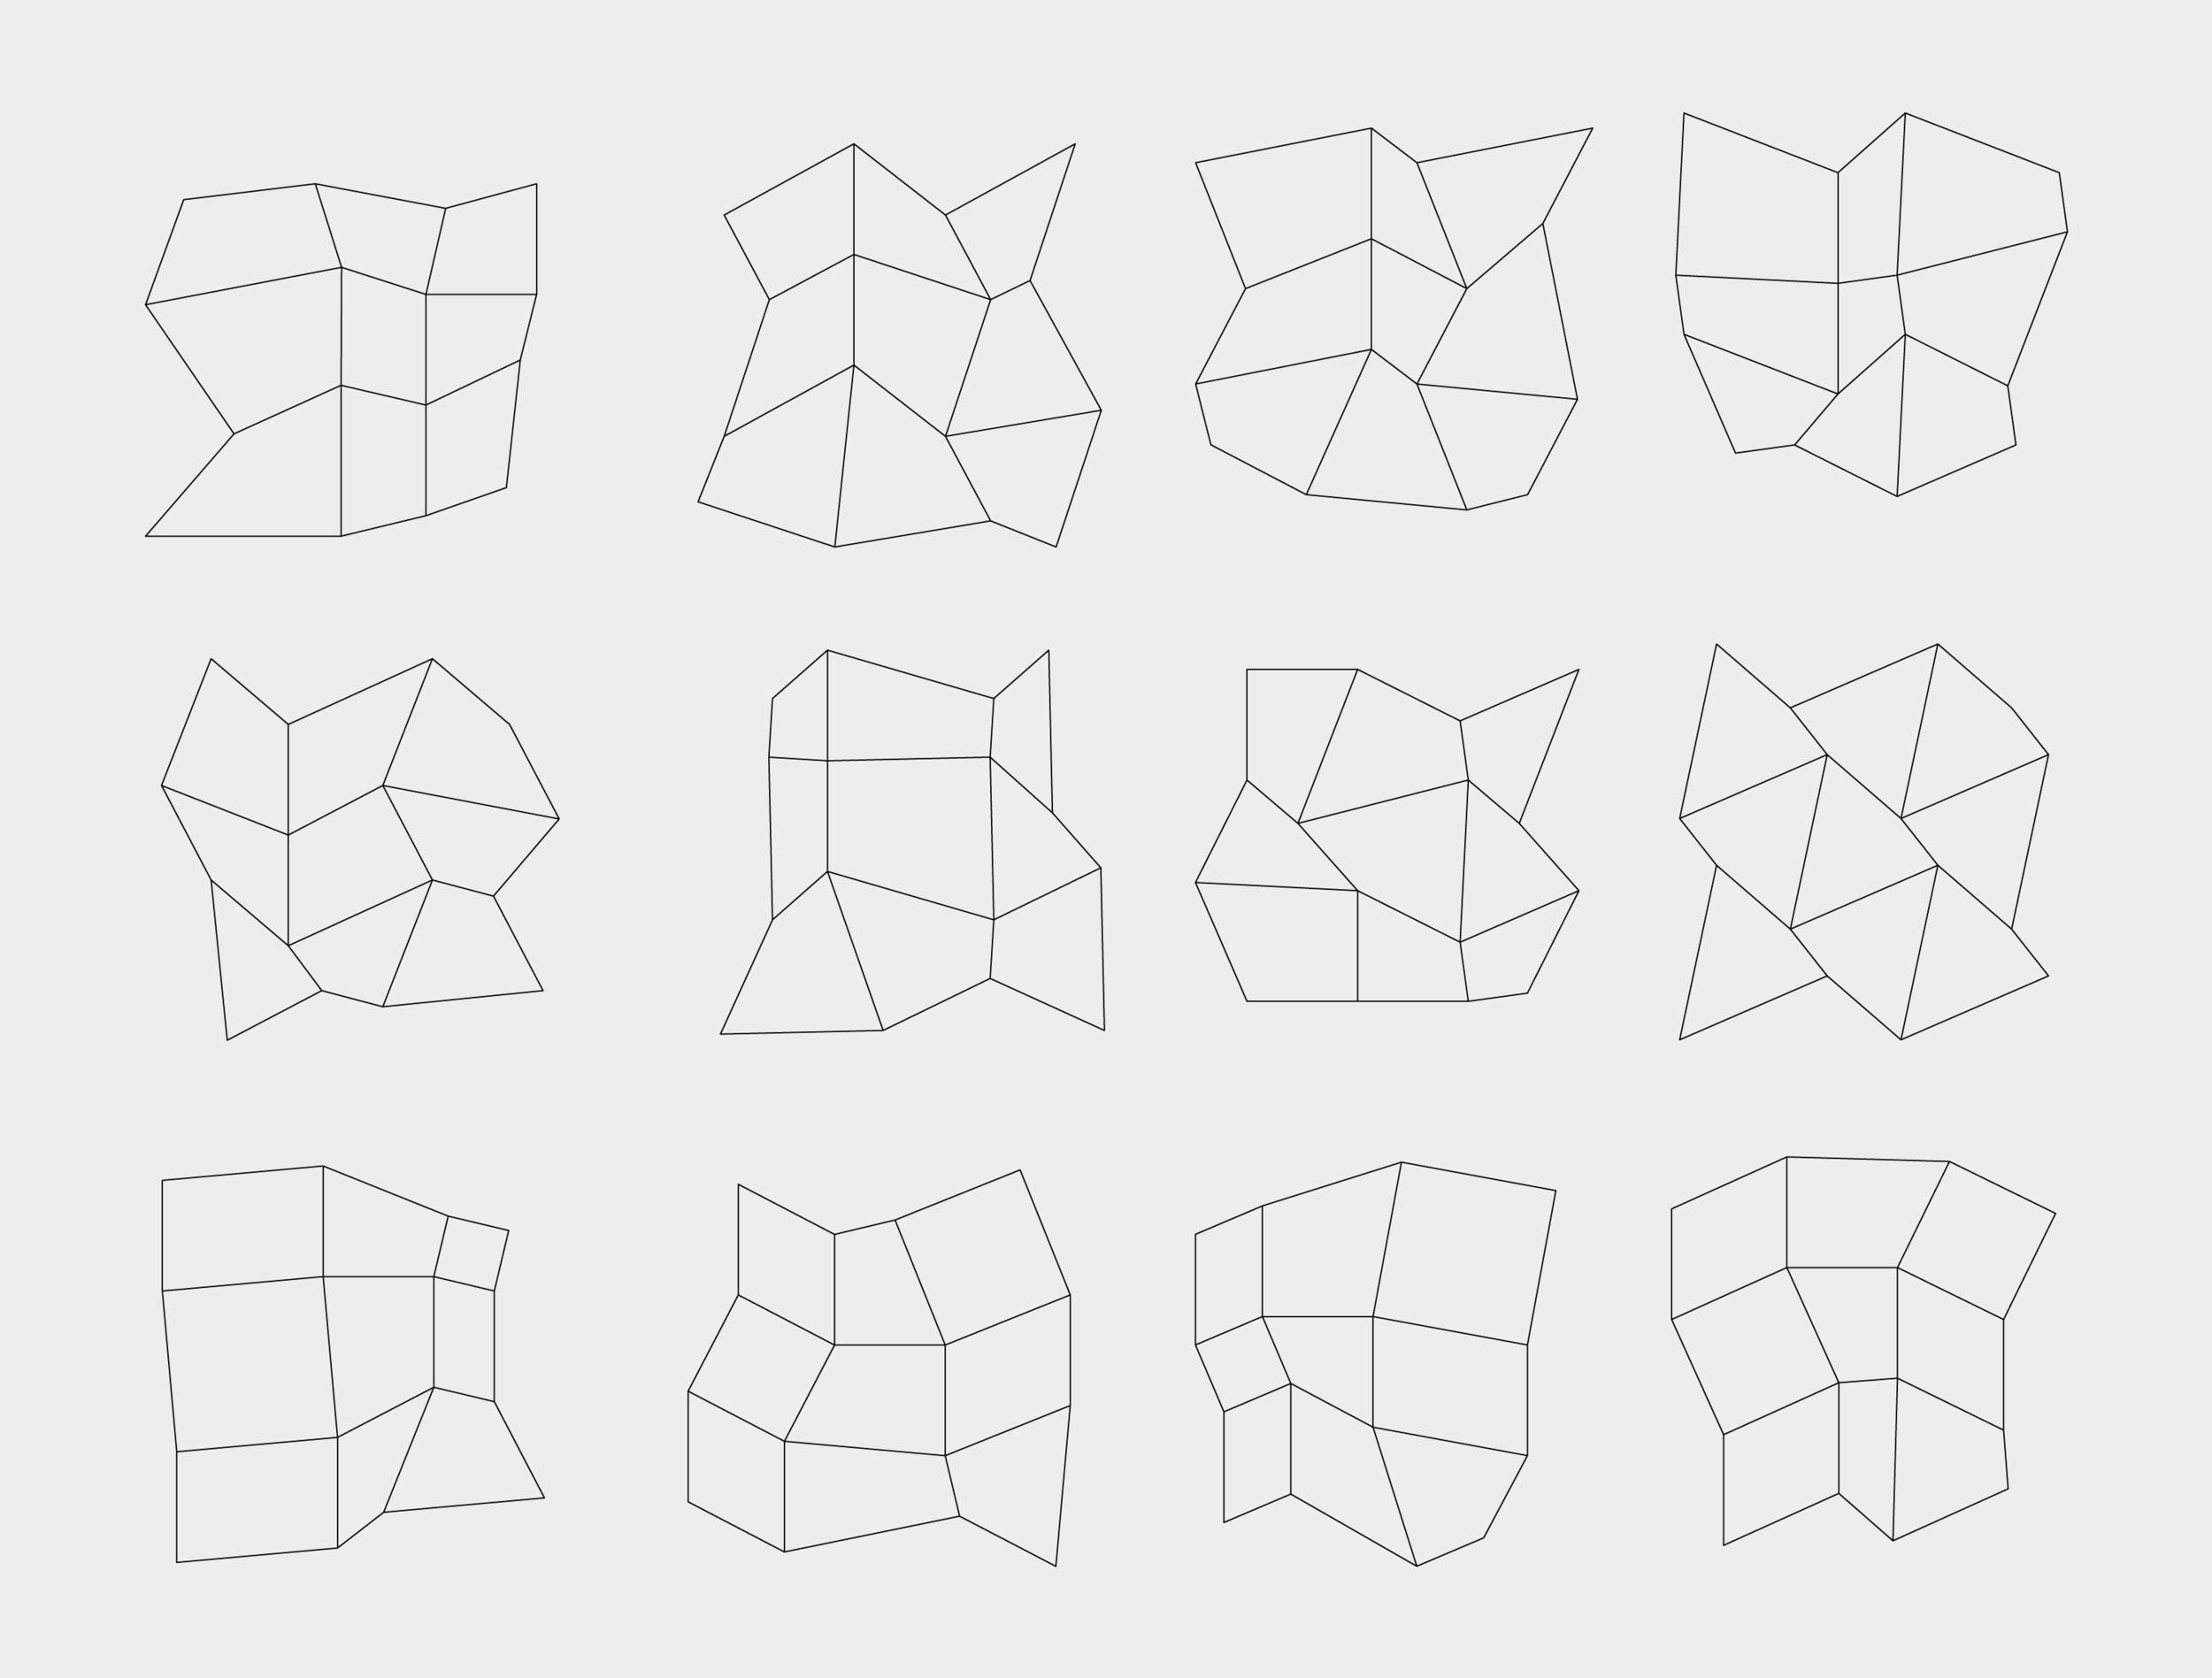 rlon_Grid_vectors_web.png